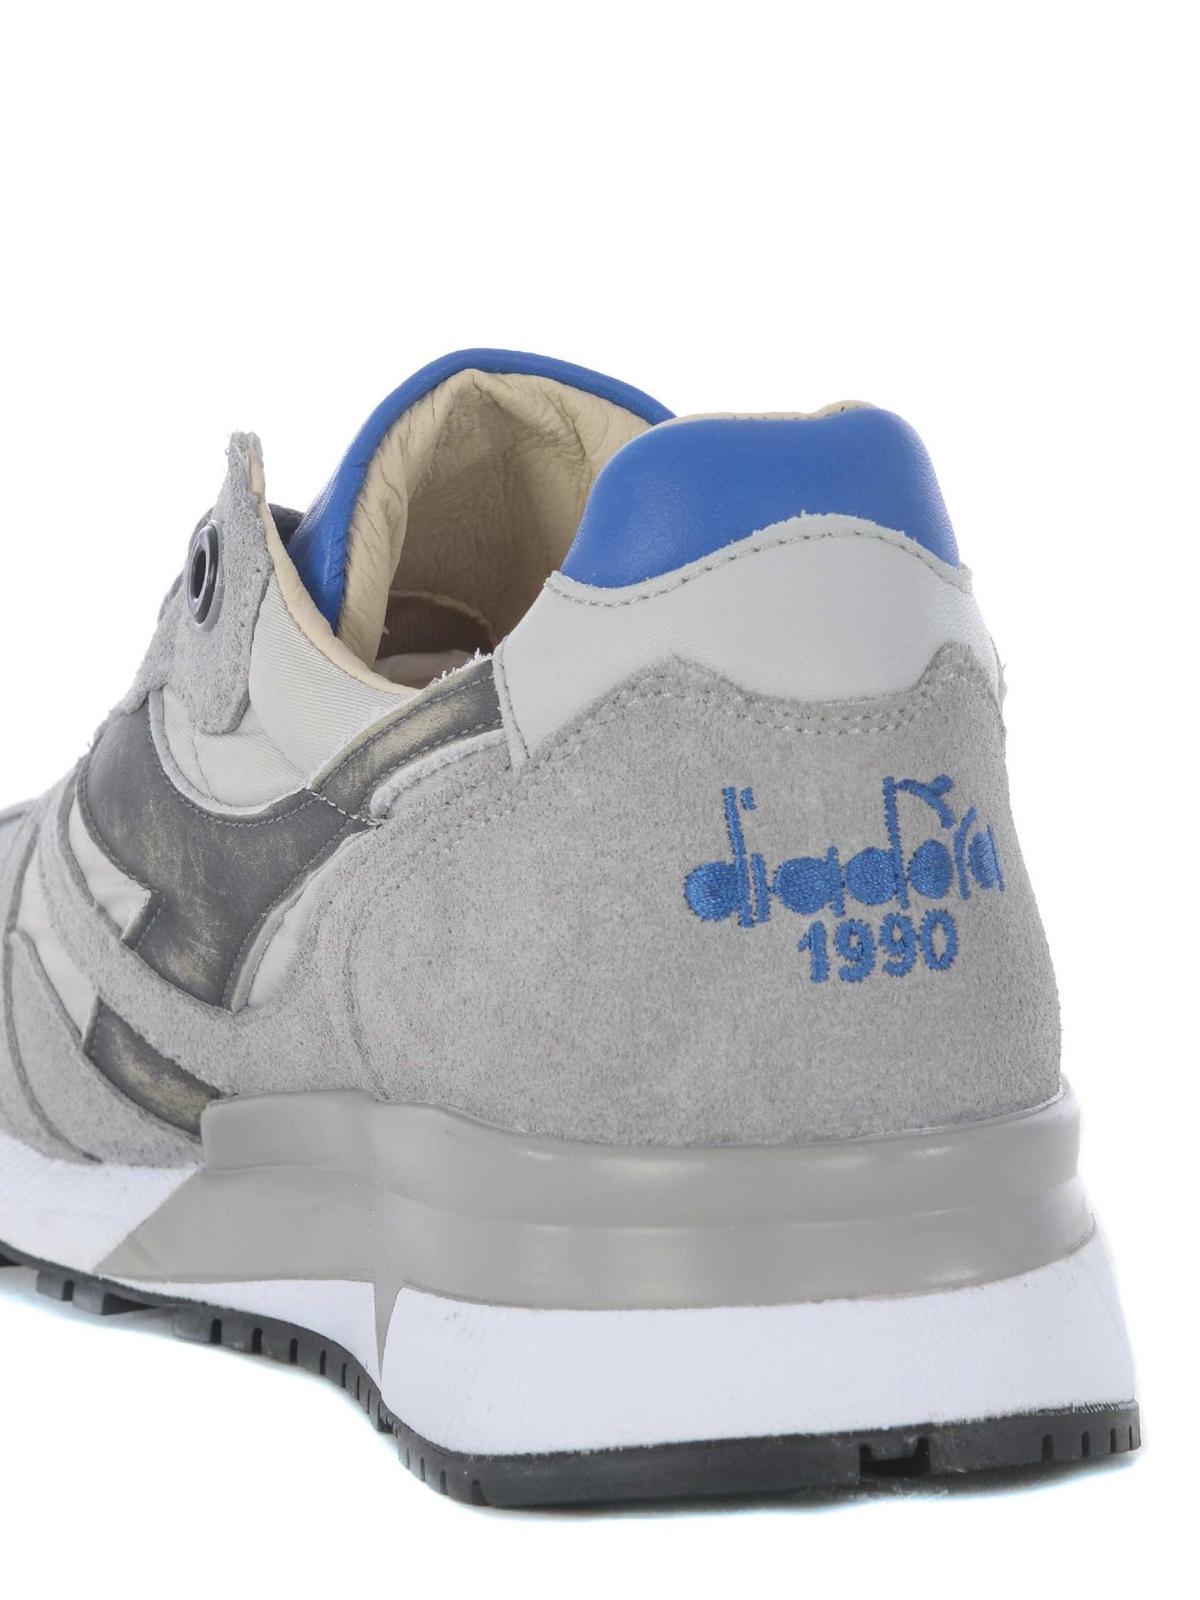 Diadora Heritage Sneaker N9000 grigie sneakers 17389275072